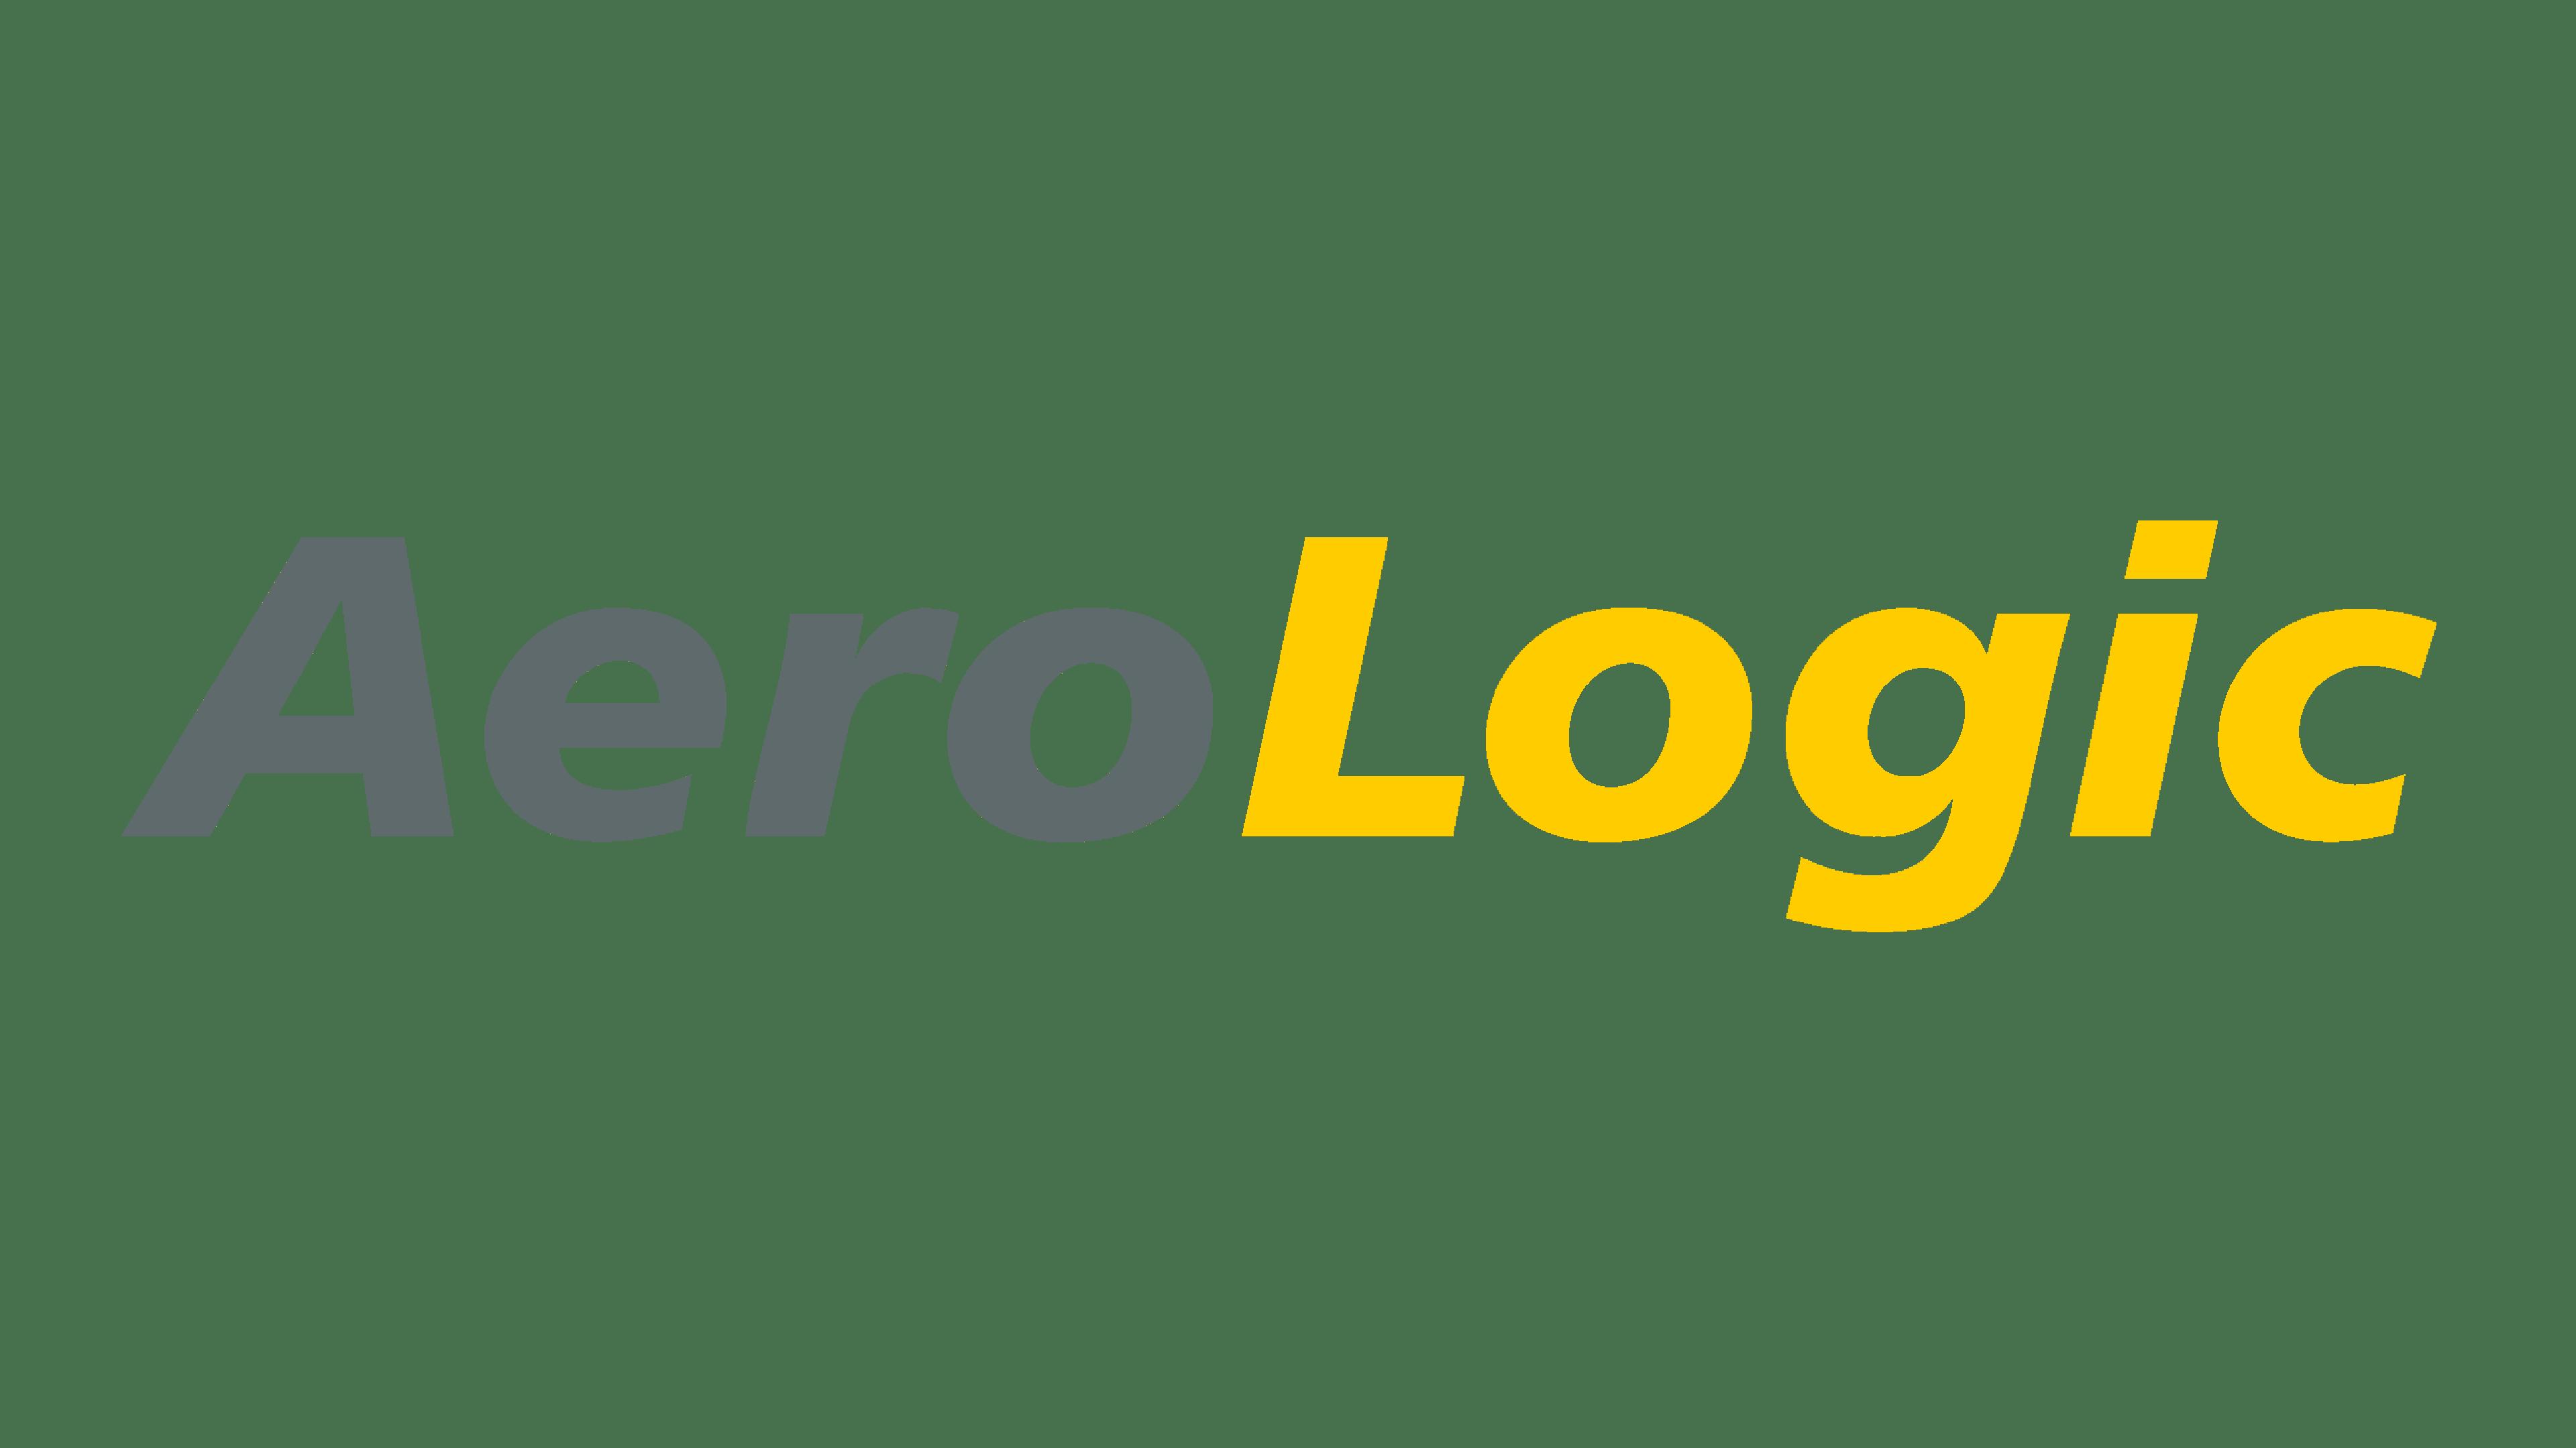 AeroLogic Logo Logo